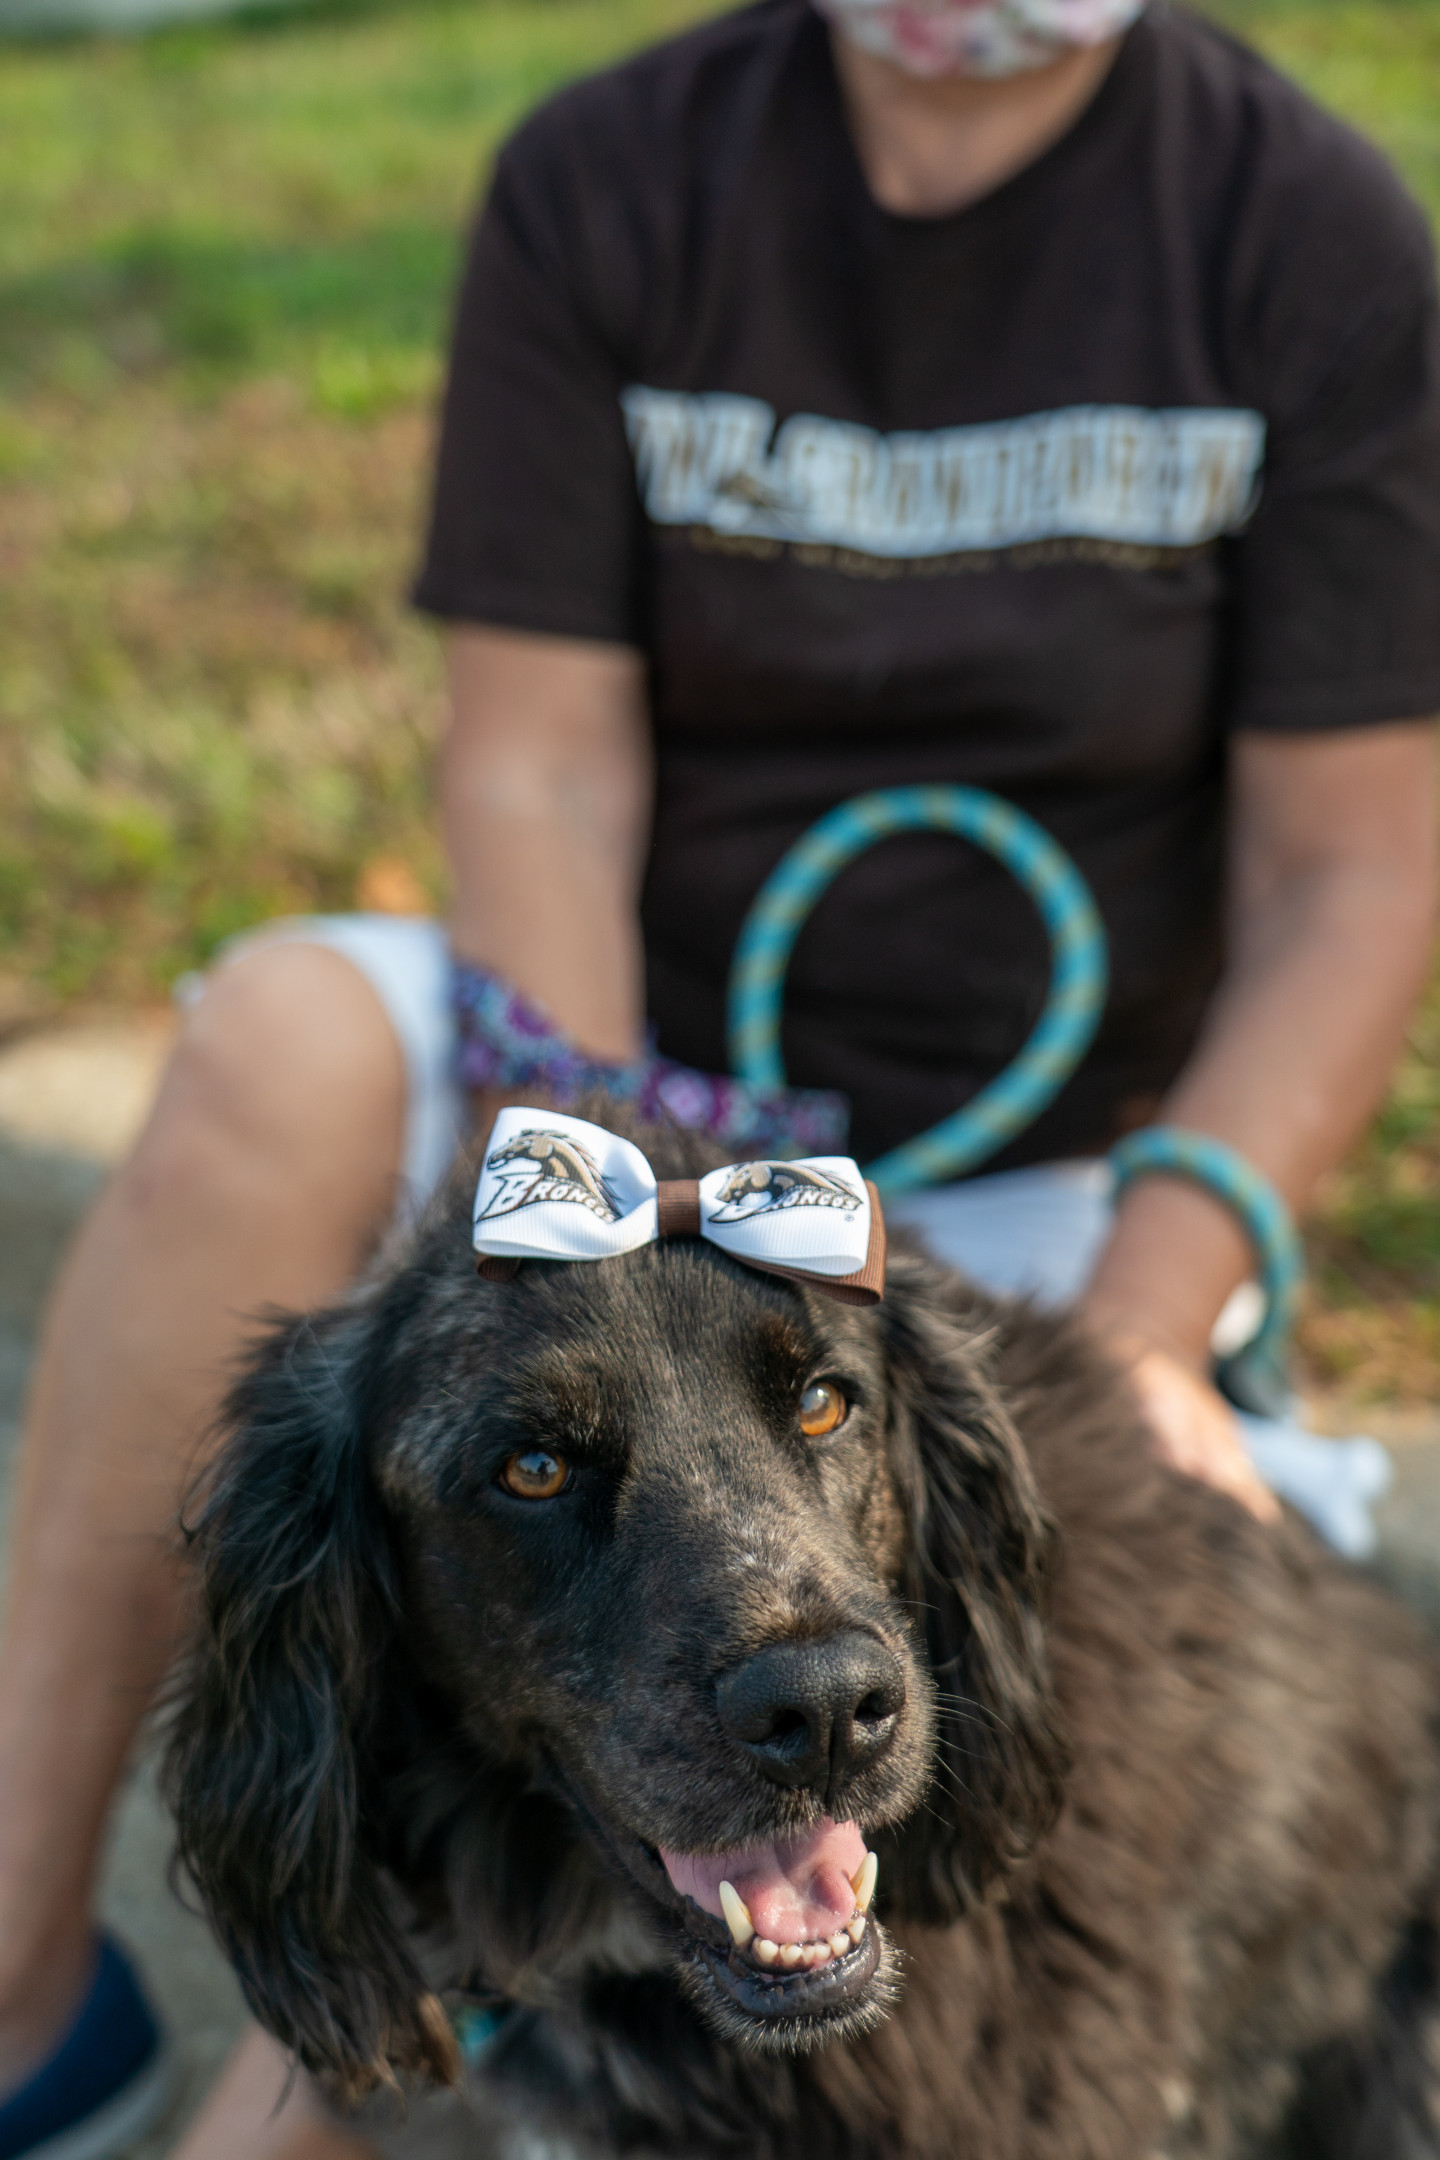 A dog wears a Bronco bow on its head.